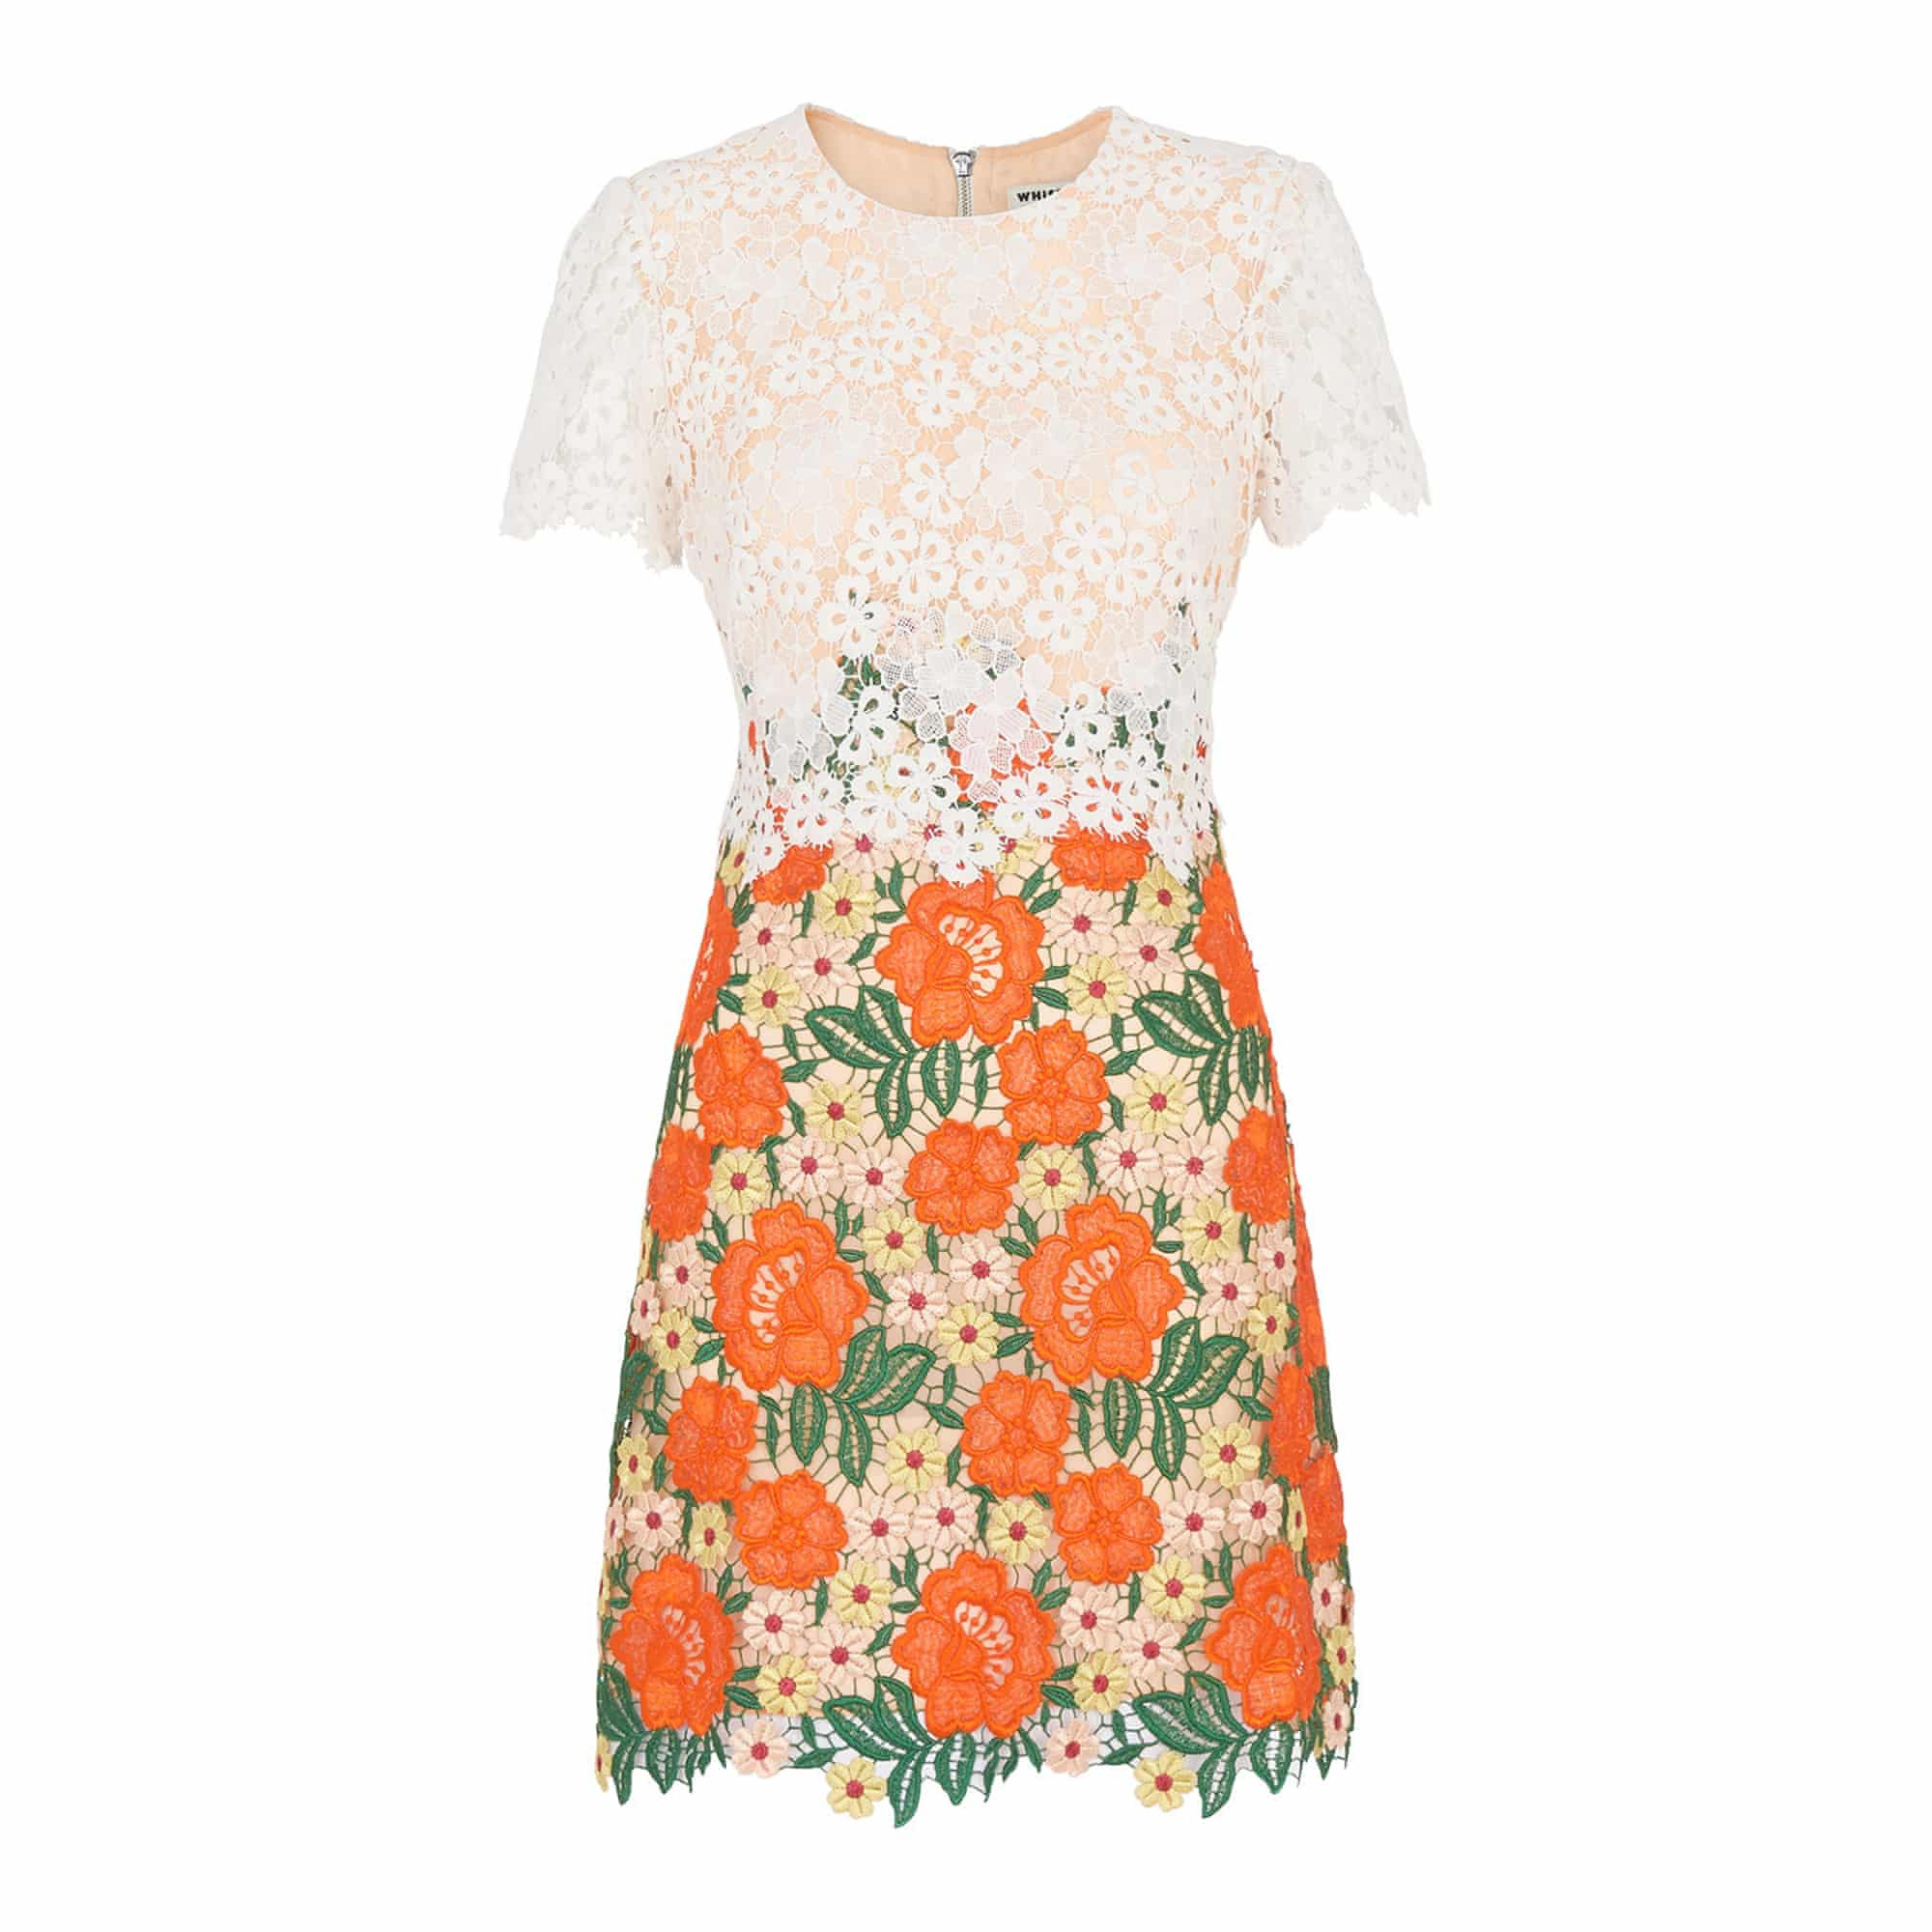 موضة الفساتين الصيفية-الورود الجميلة